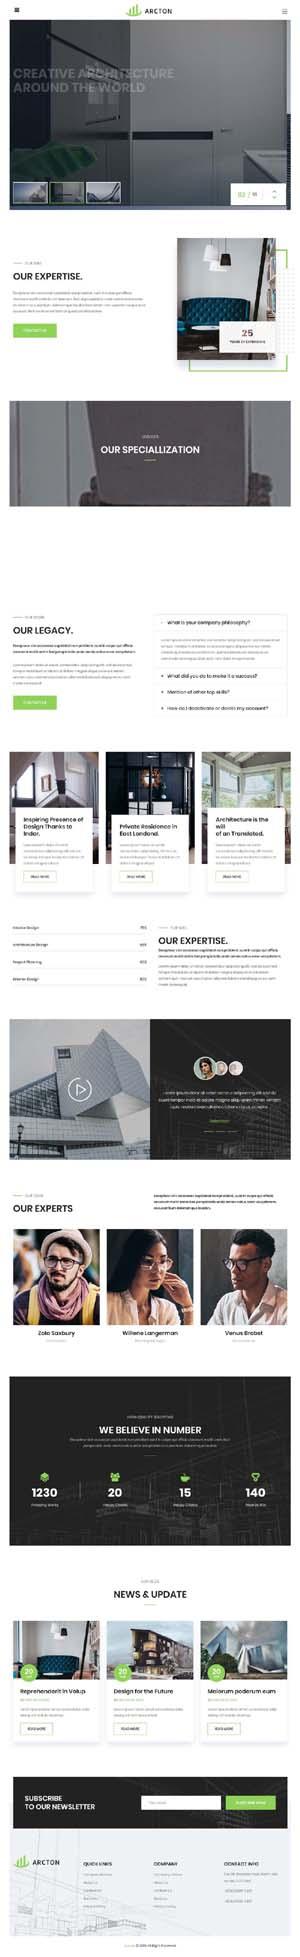 HTML5室内建筑设计公司官网模板